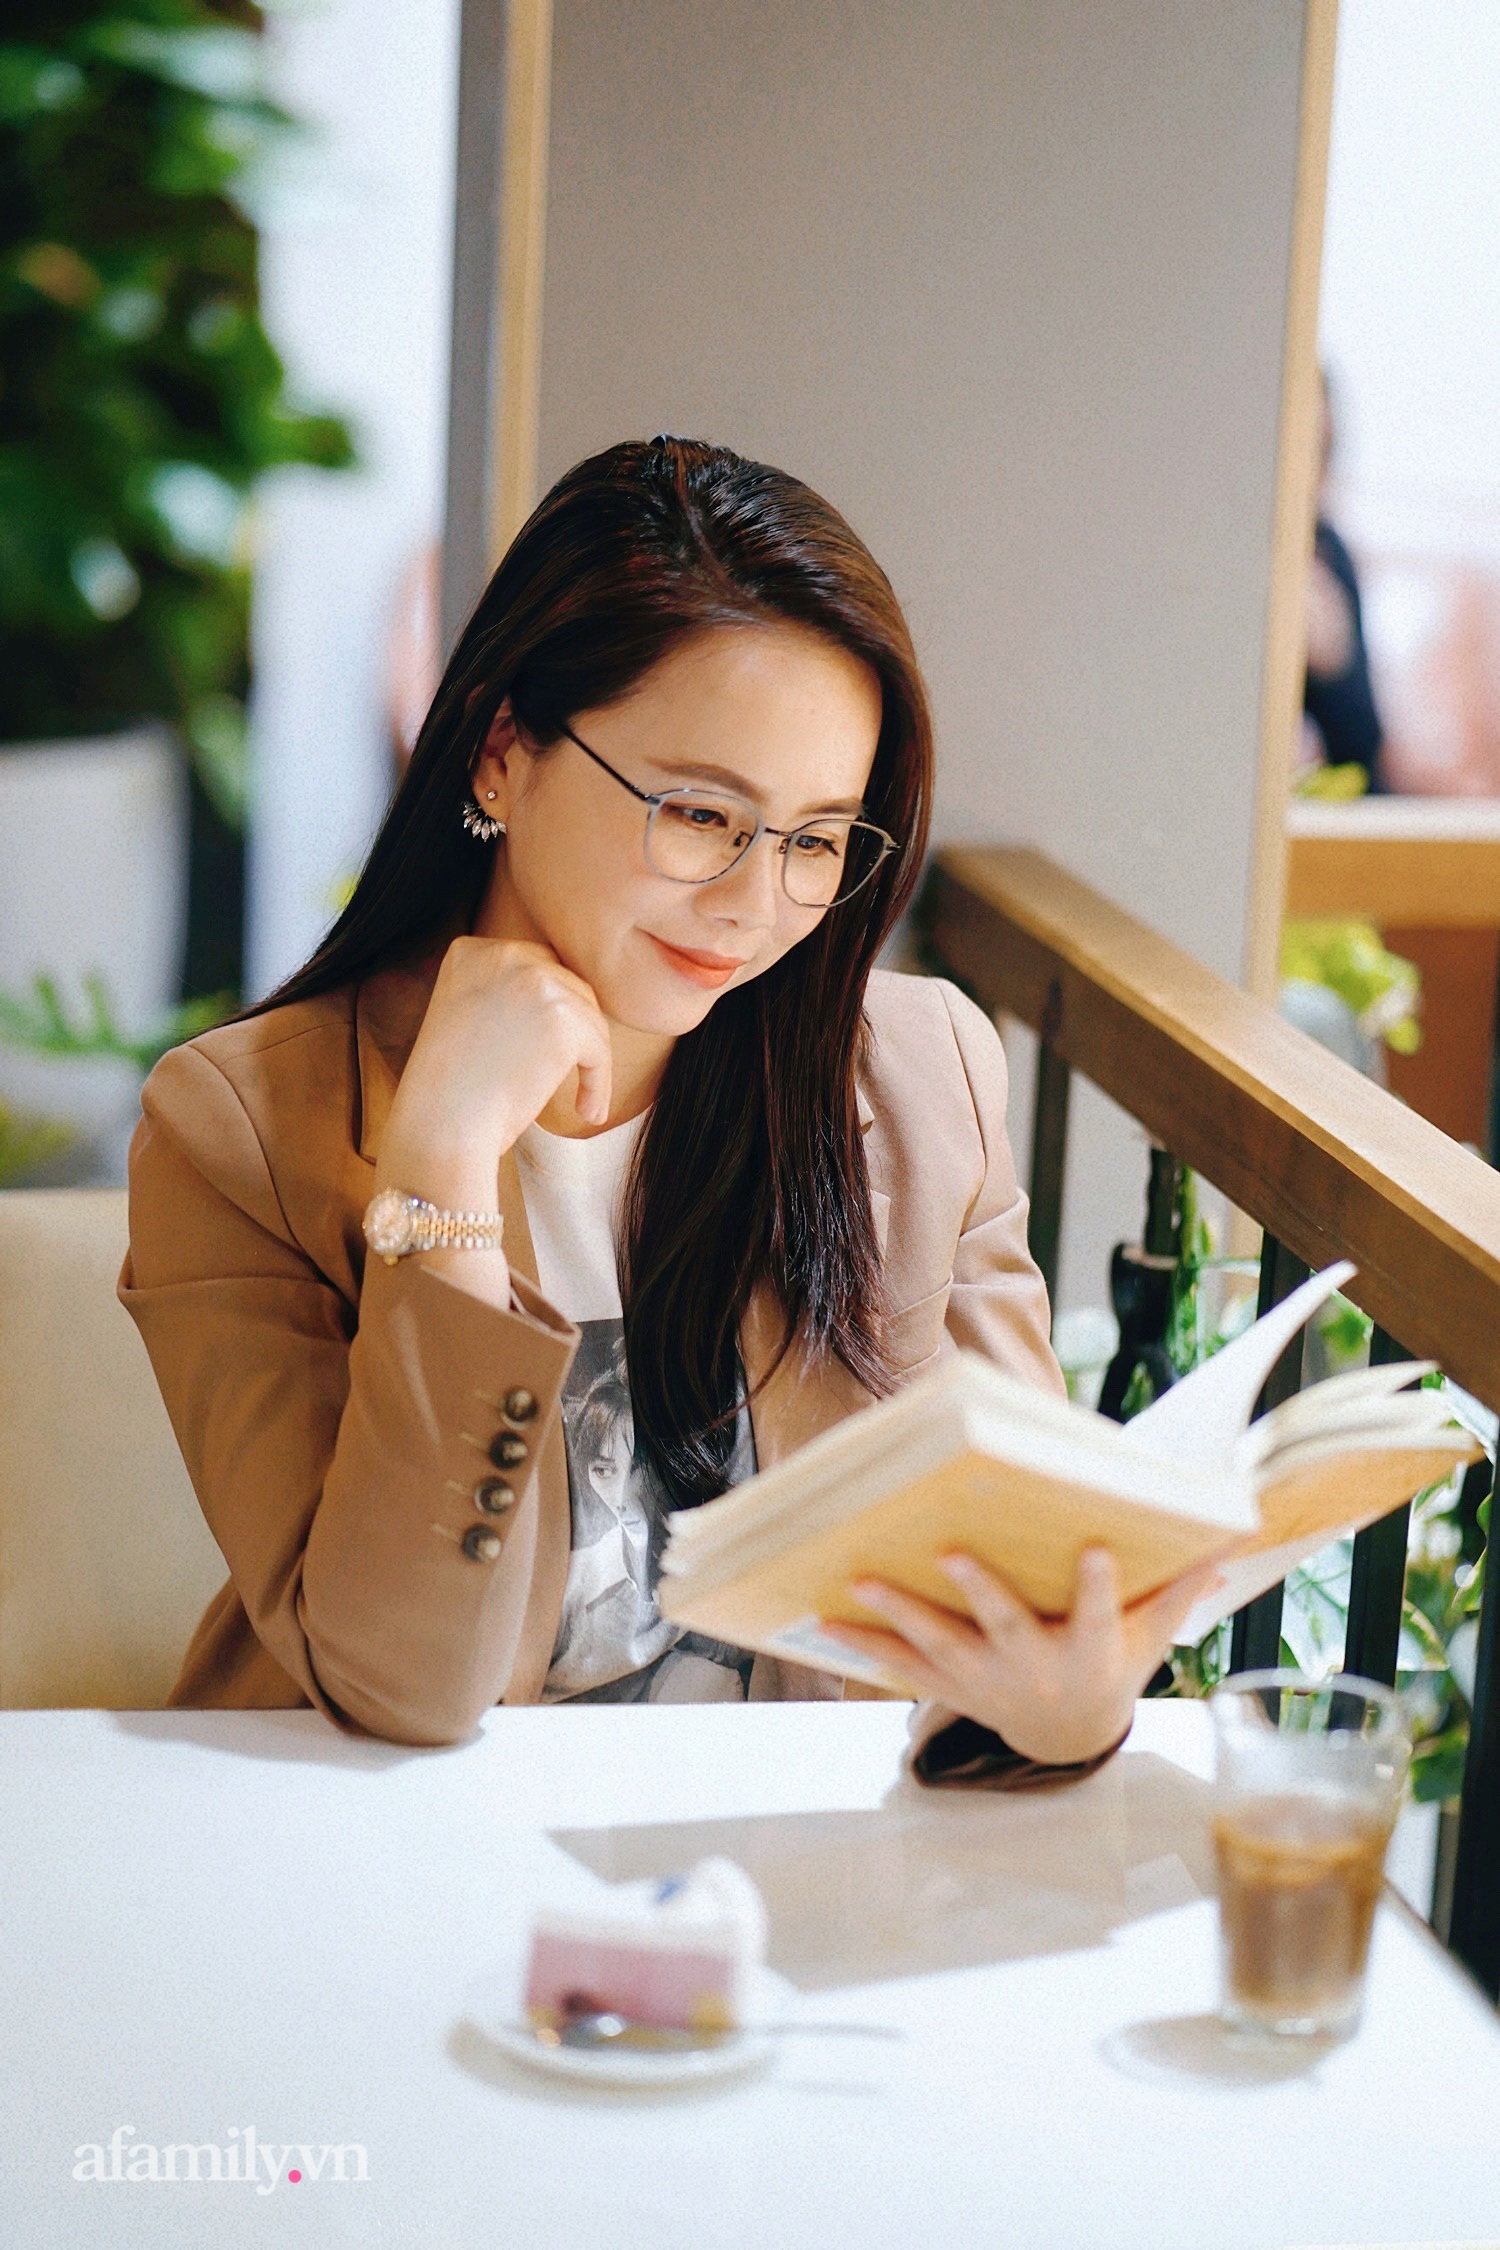 """Ms Hoa TOEIC - cựu sinh viên Ngoại thương trở thành Chủ tịch hệ thống Anh ngữ lần đầu chia sẻ ý nghĩa thực sự của cái tên """"nhìn vậy mà không phải vậy"""" cùng bí mật cuộc sống phía sau sự nổi tiếng  - Ảnh 7."""